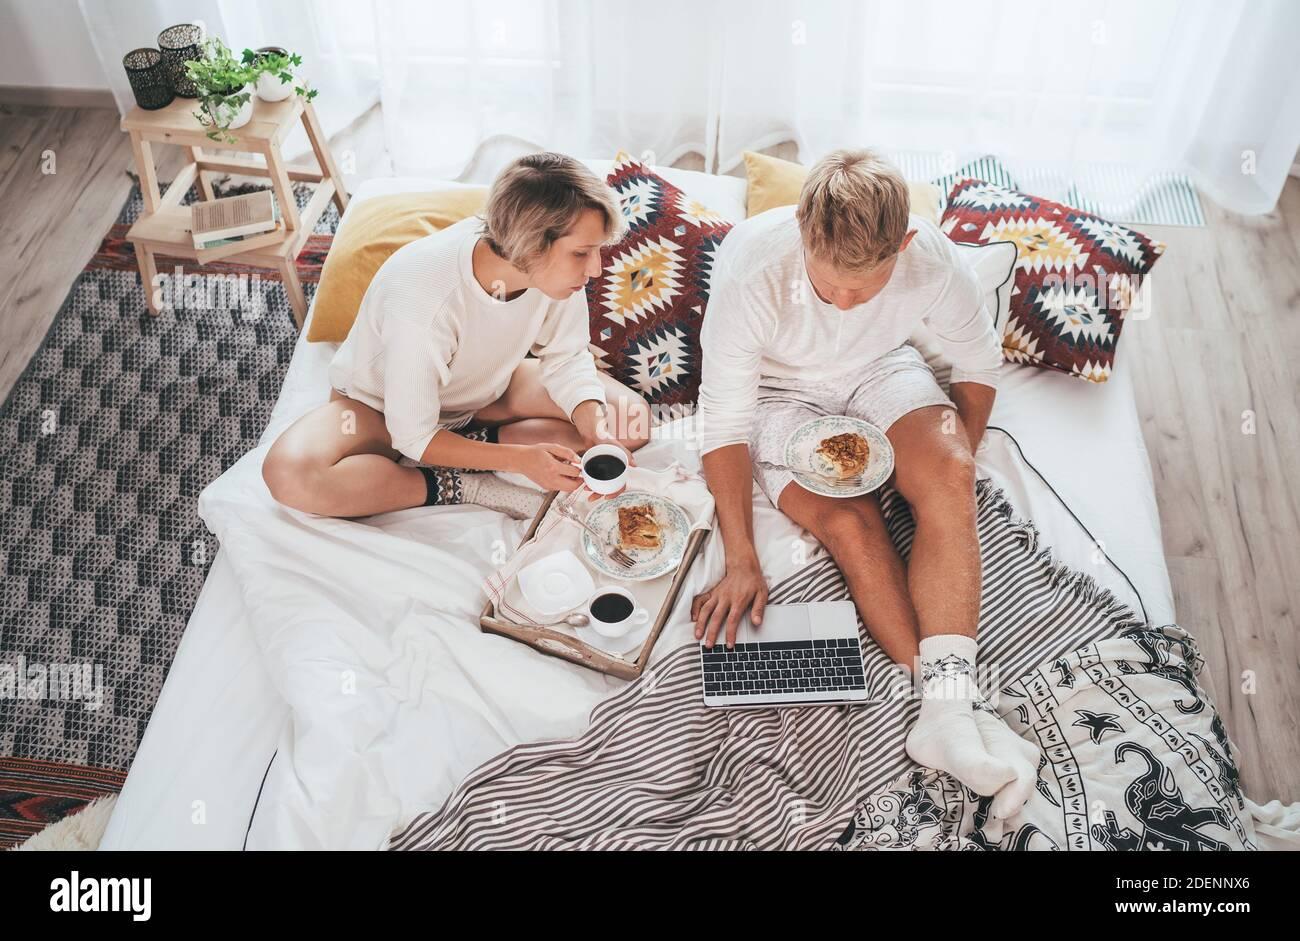 Los adolescentes se unen en pijamas en una cama acogedora navegando por Internet usando un ordenador portátil y tomando un café por la mañana con postre pastel de manzana. Parejas relaciones an Foto de stock